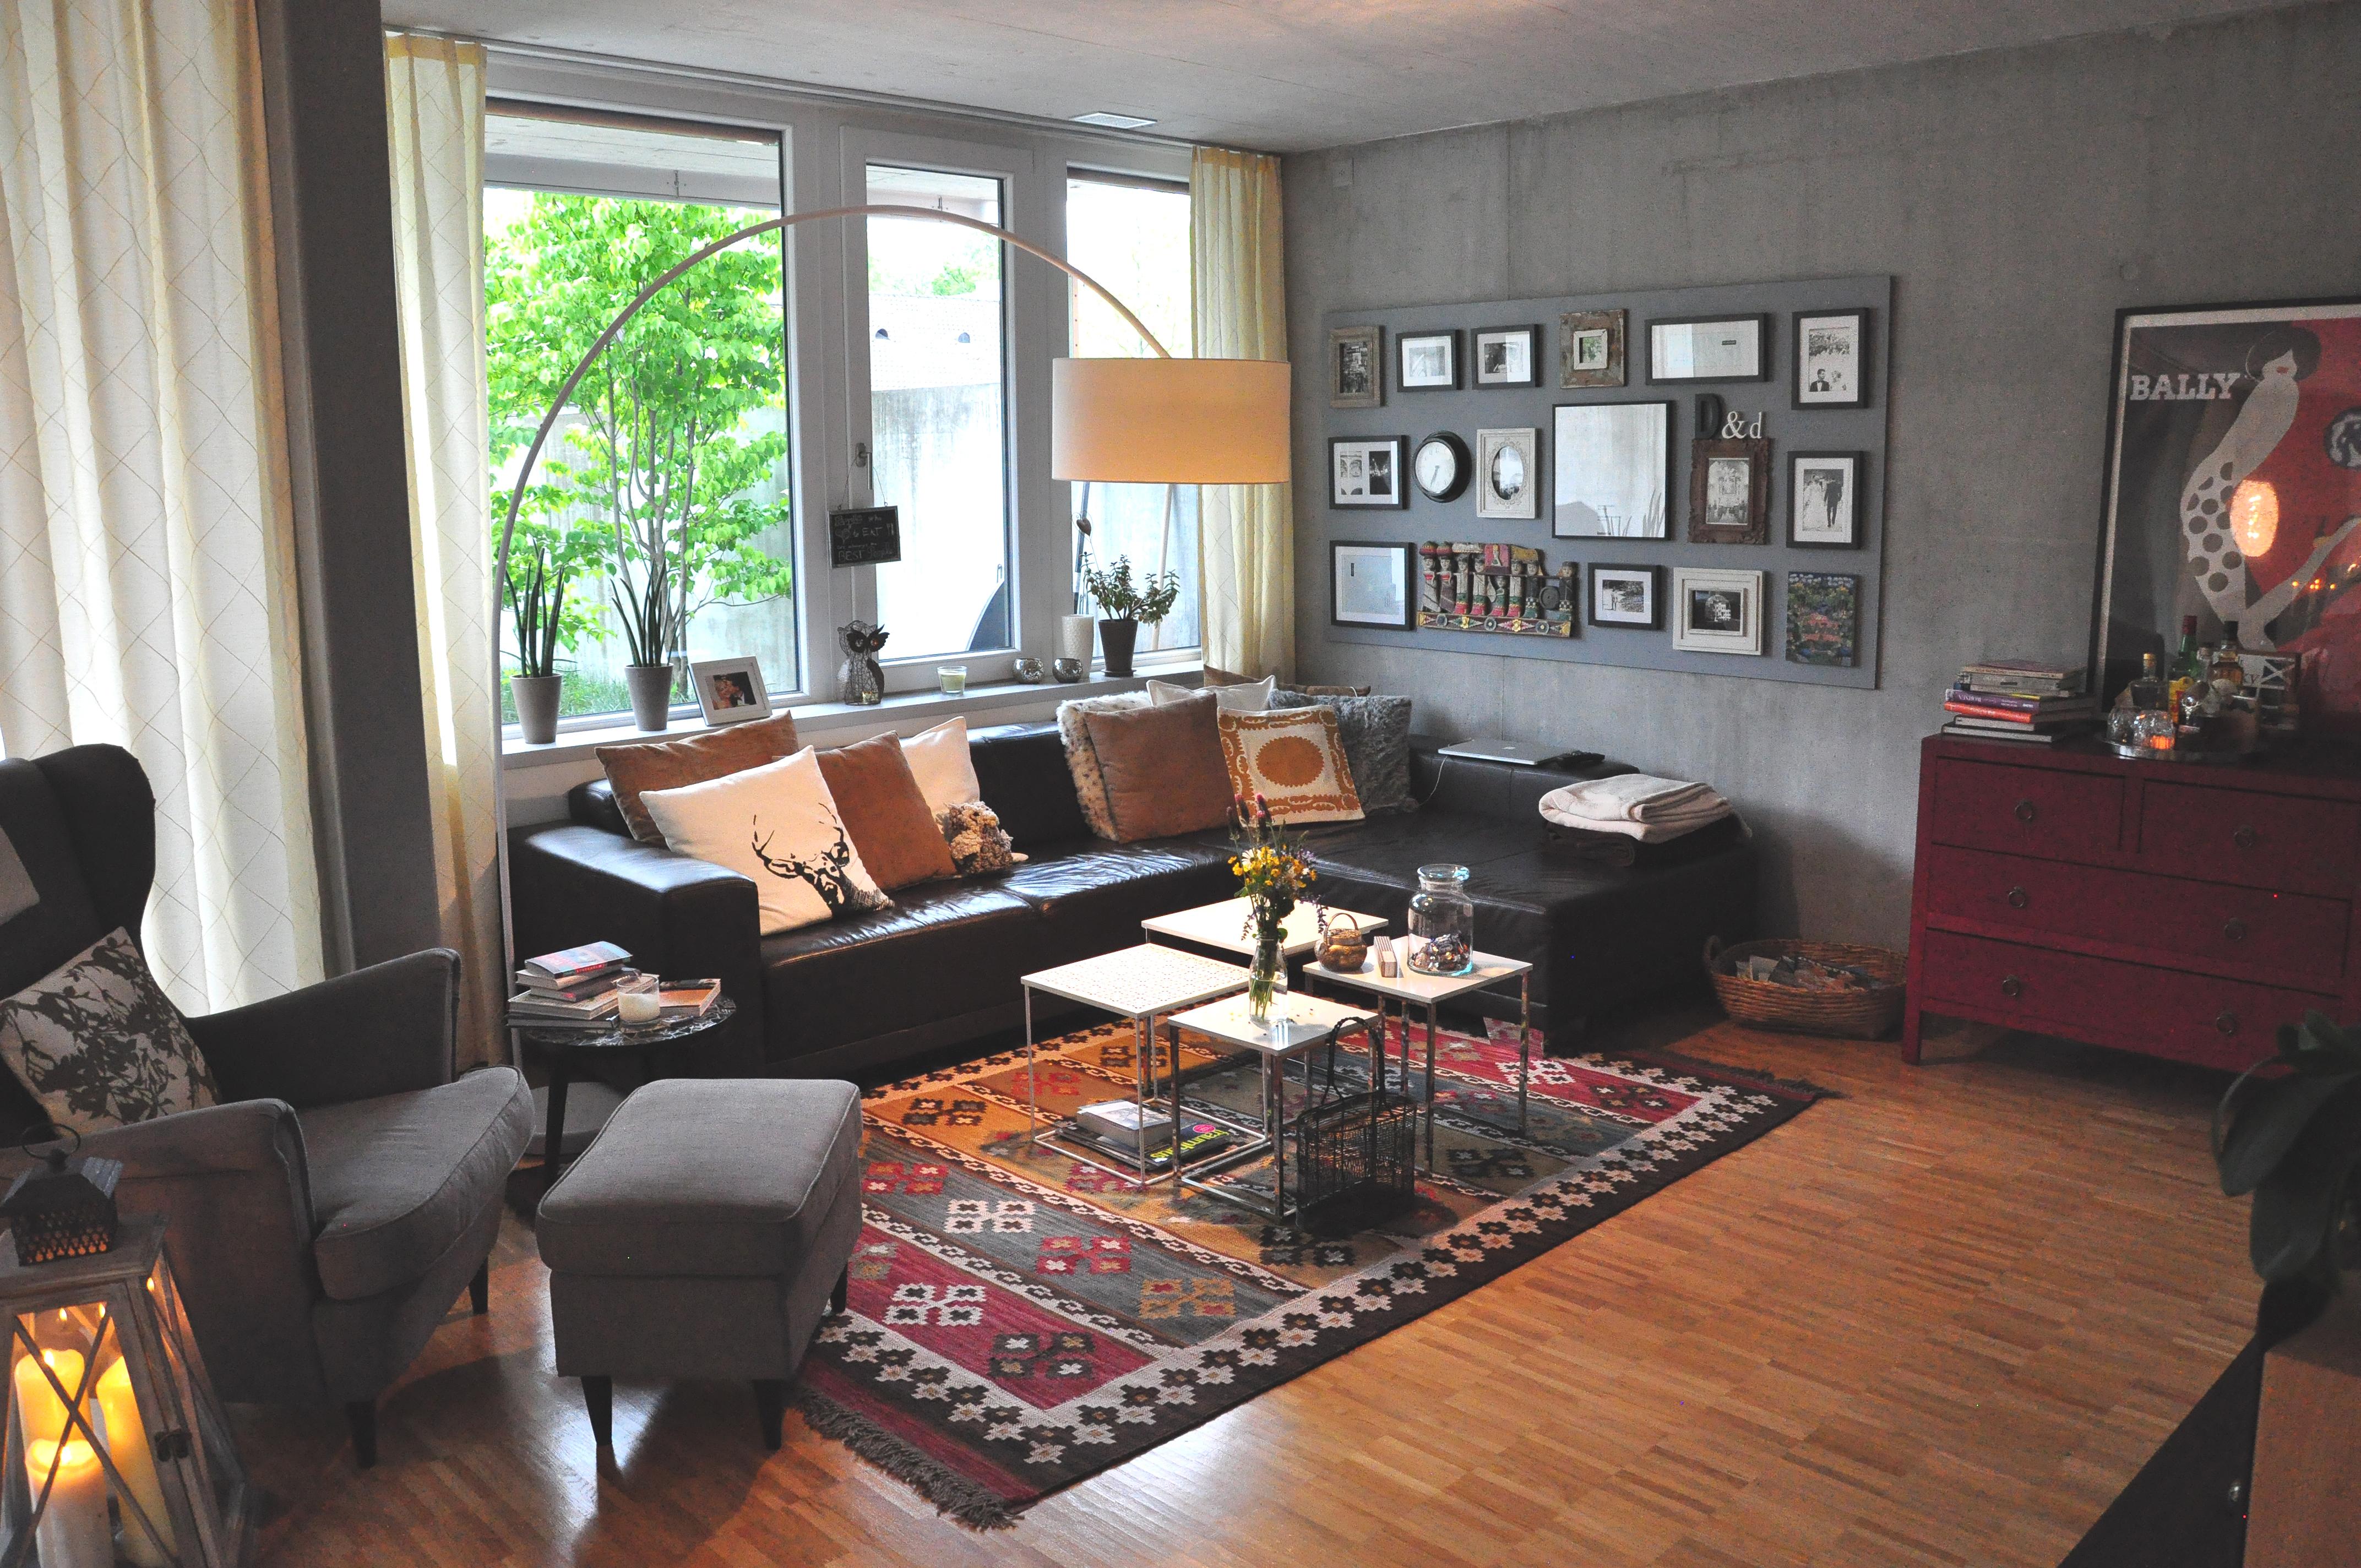 ikea jugendzimmer. Black Bedroom Furniture Sets. Home Design Ideas